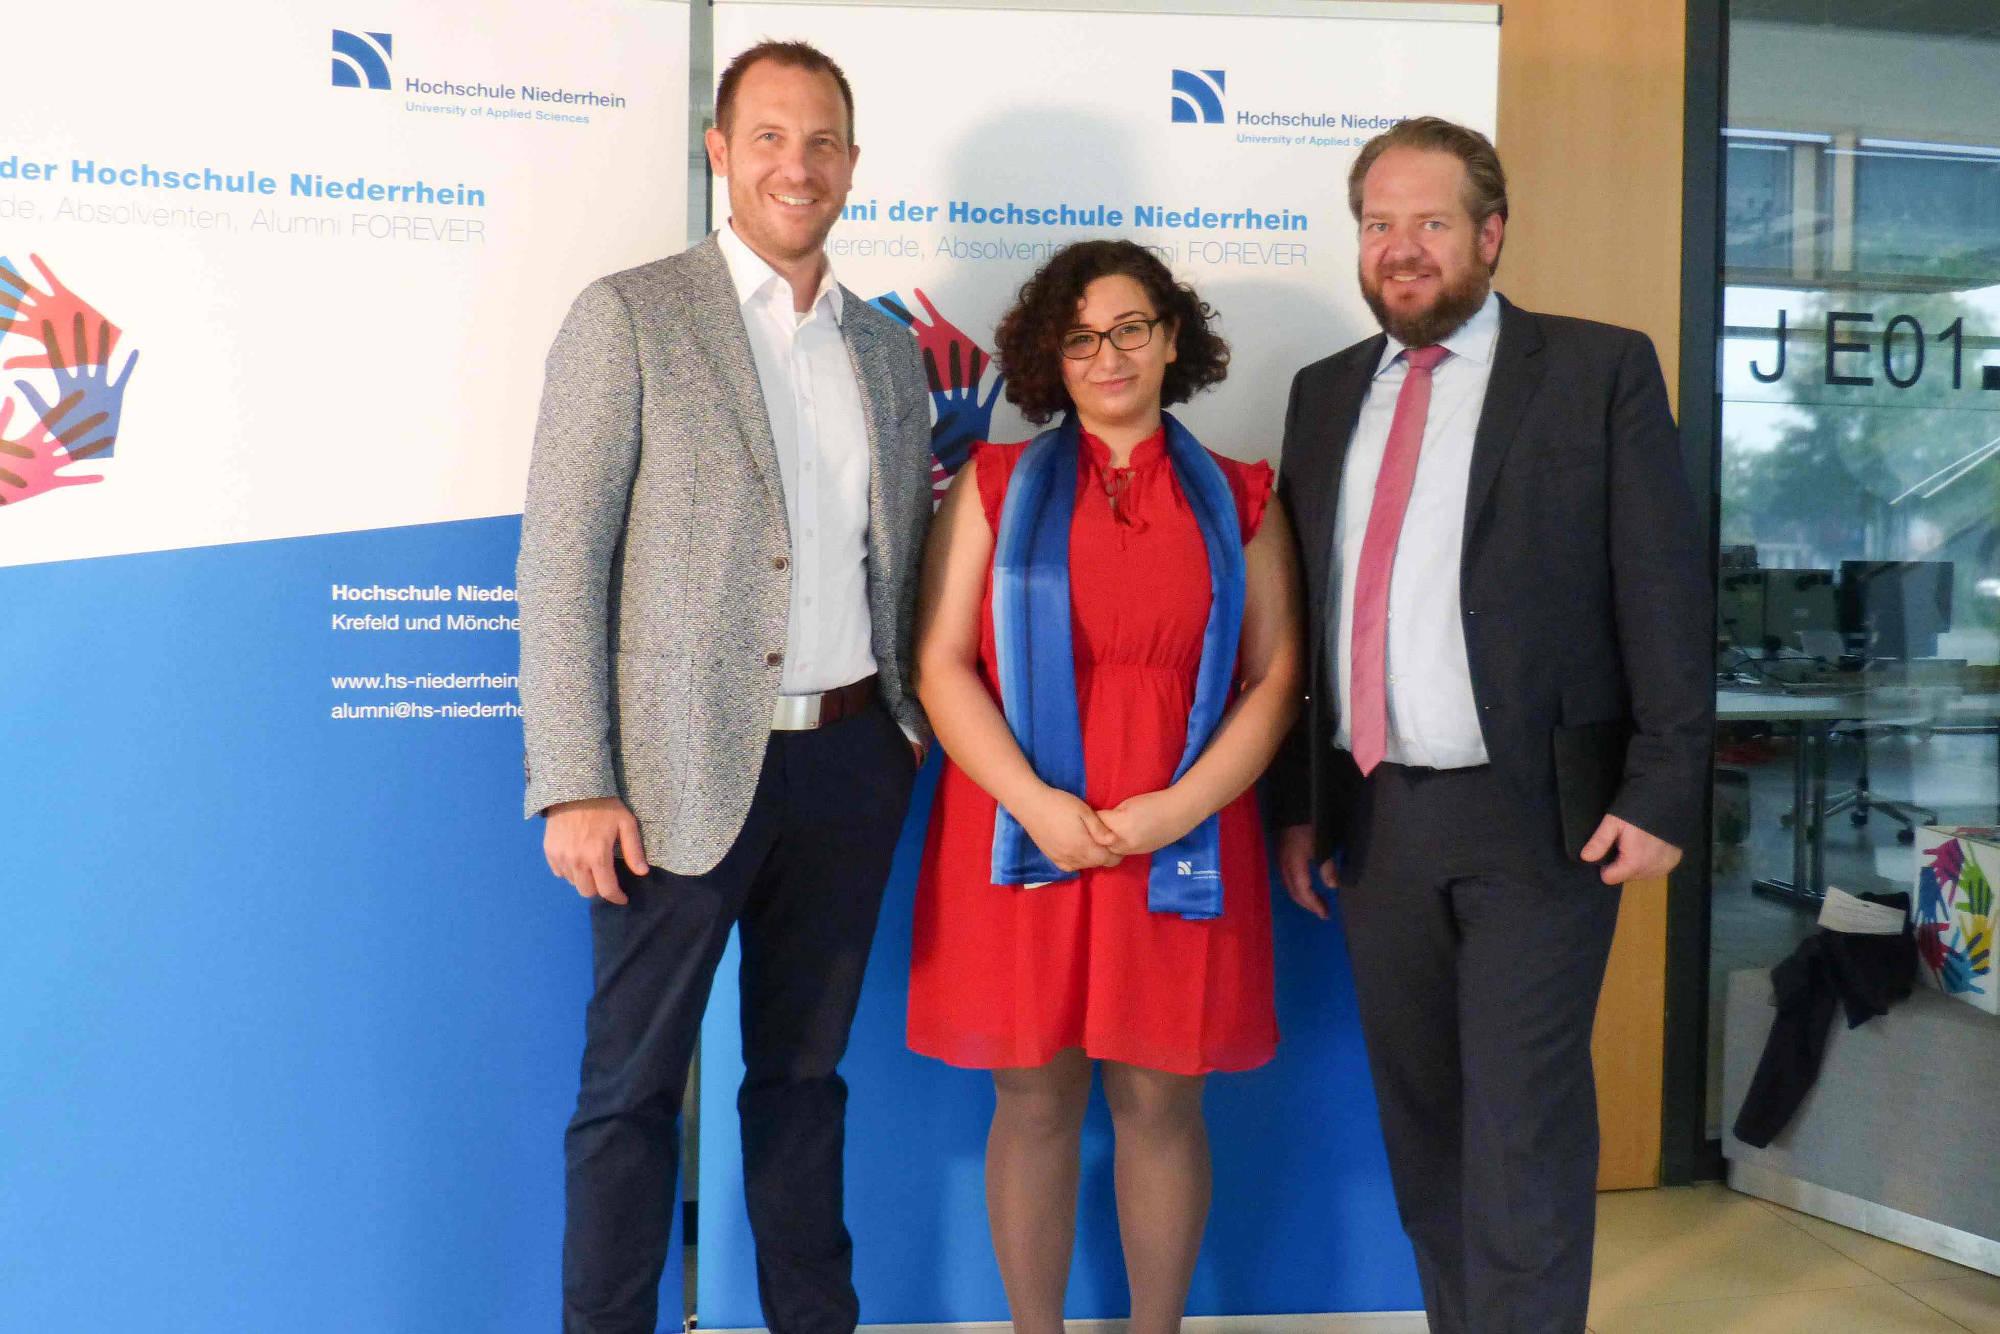 Preisträgerin Fatimah El Atrache eingerahmt von Dr. Mirko Stange, geschäftsführender Gesellschafter der Unternehmensberatung SilverSky LifeSciences (links), und vom Dekan des Fachbereichs Gesundheitswesen Prof. Christian Timmreck (rechts).